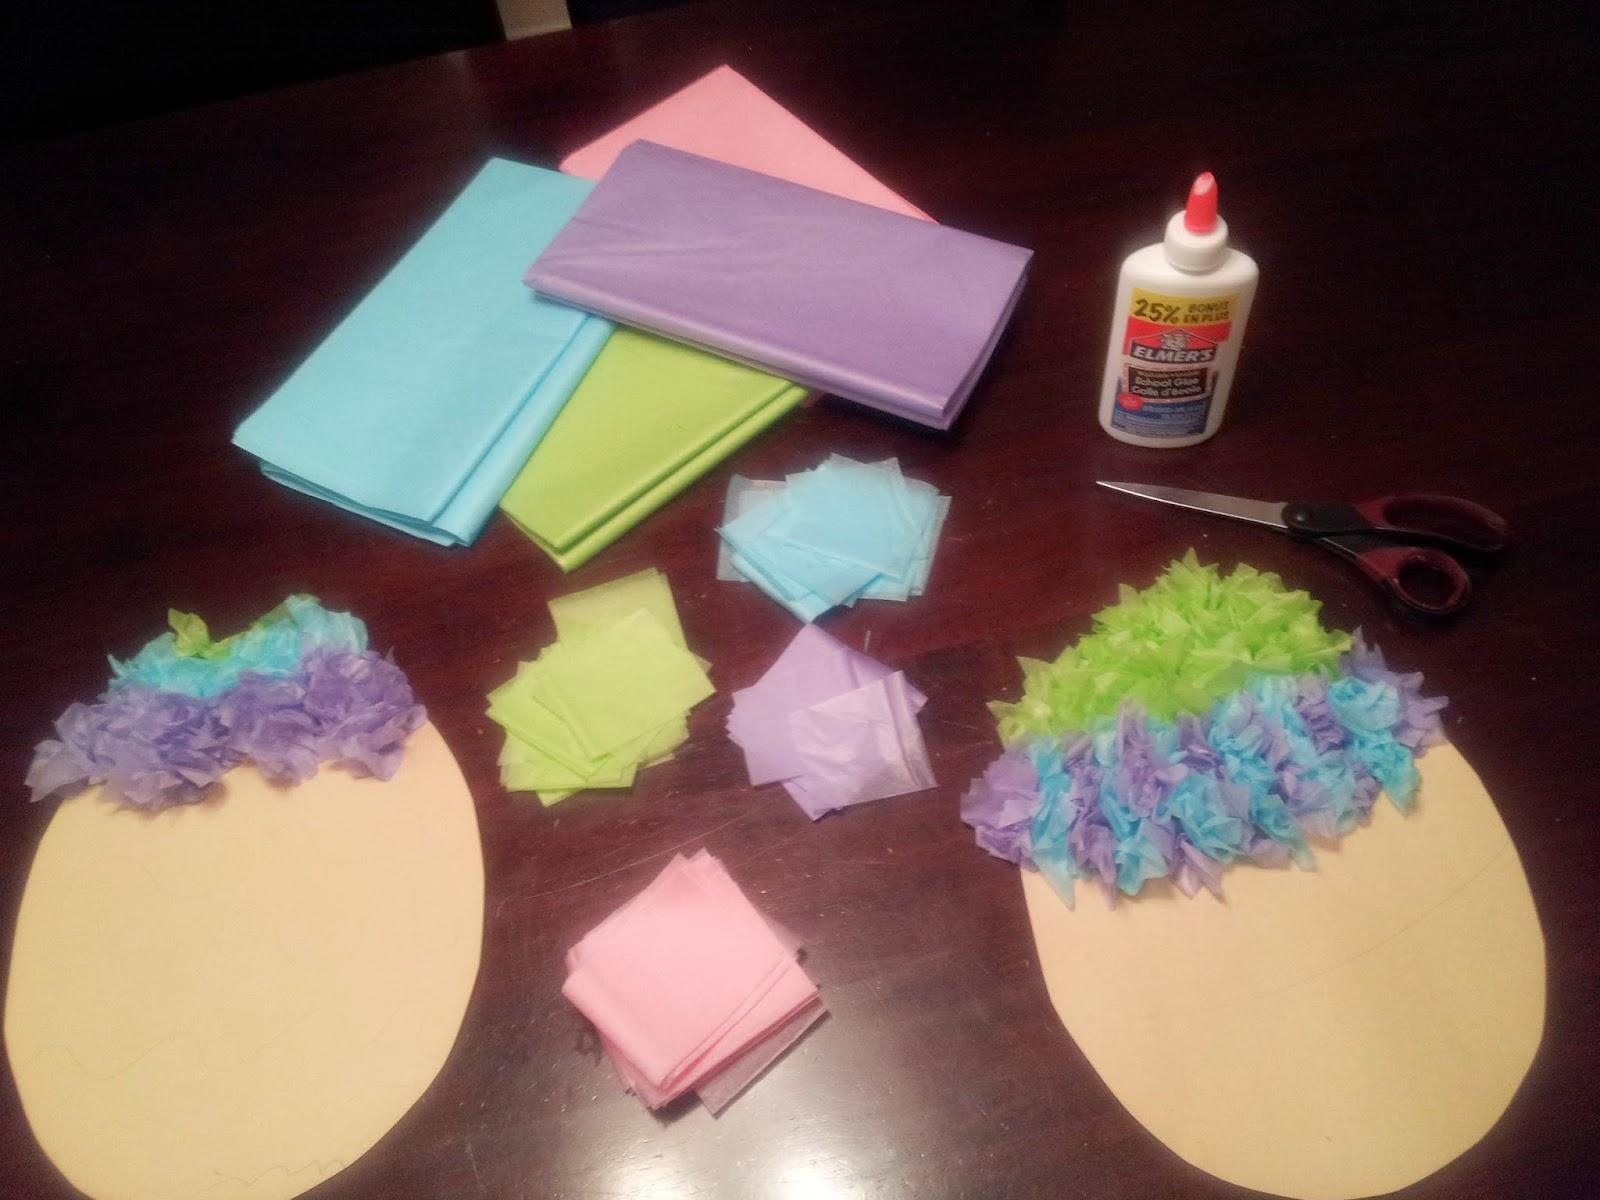 Tissue paper Easter egg craft, crafts, kids crafts